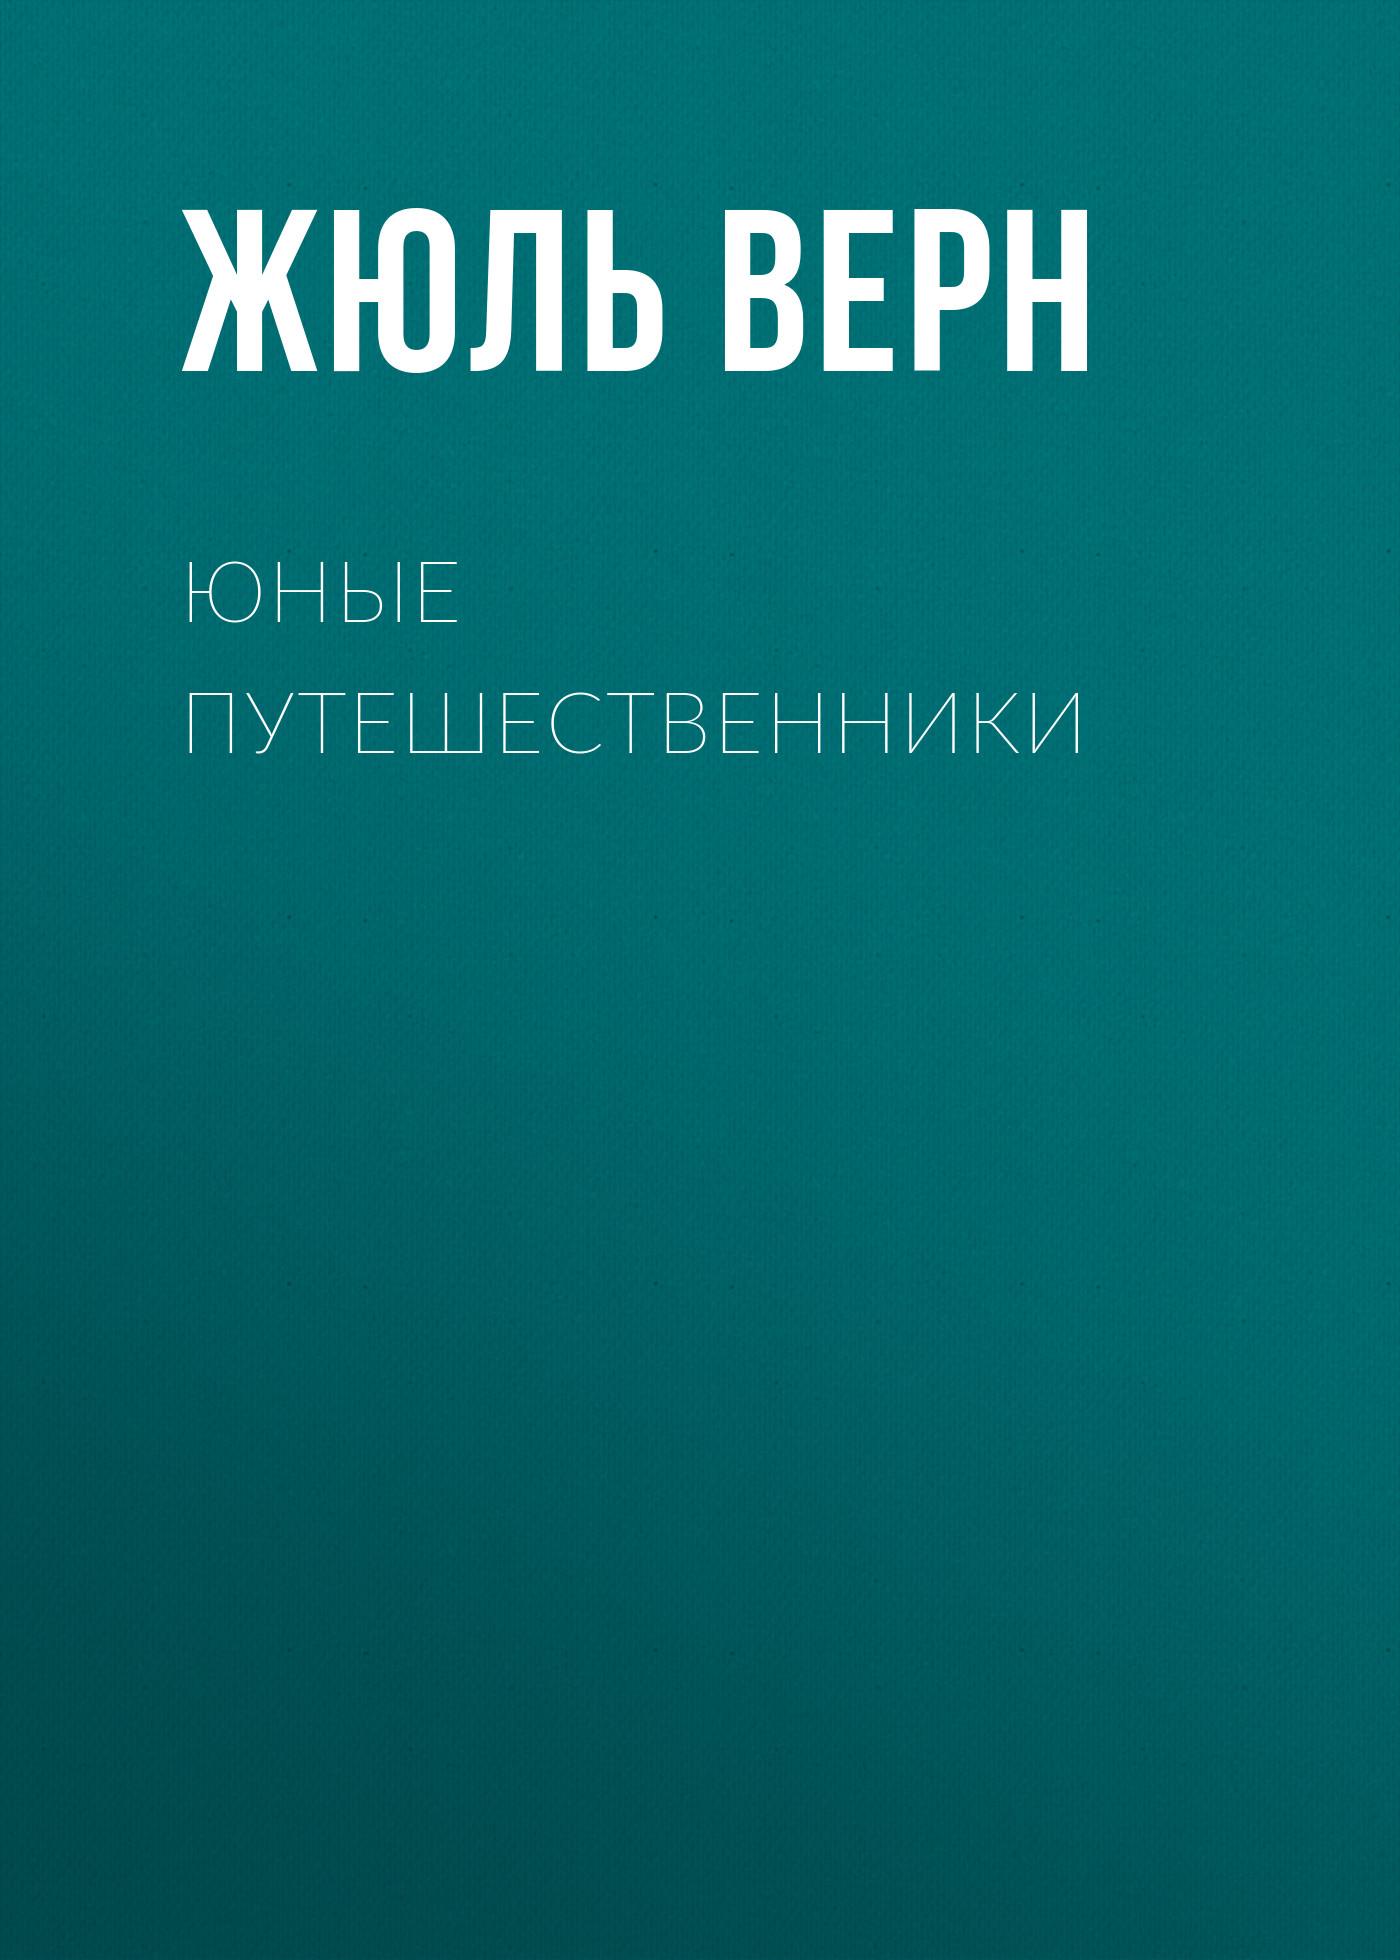 Купить книгу Юные путешественники, автора Жюля Верна